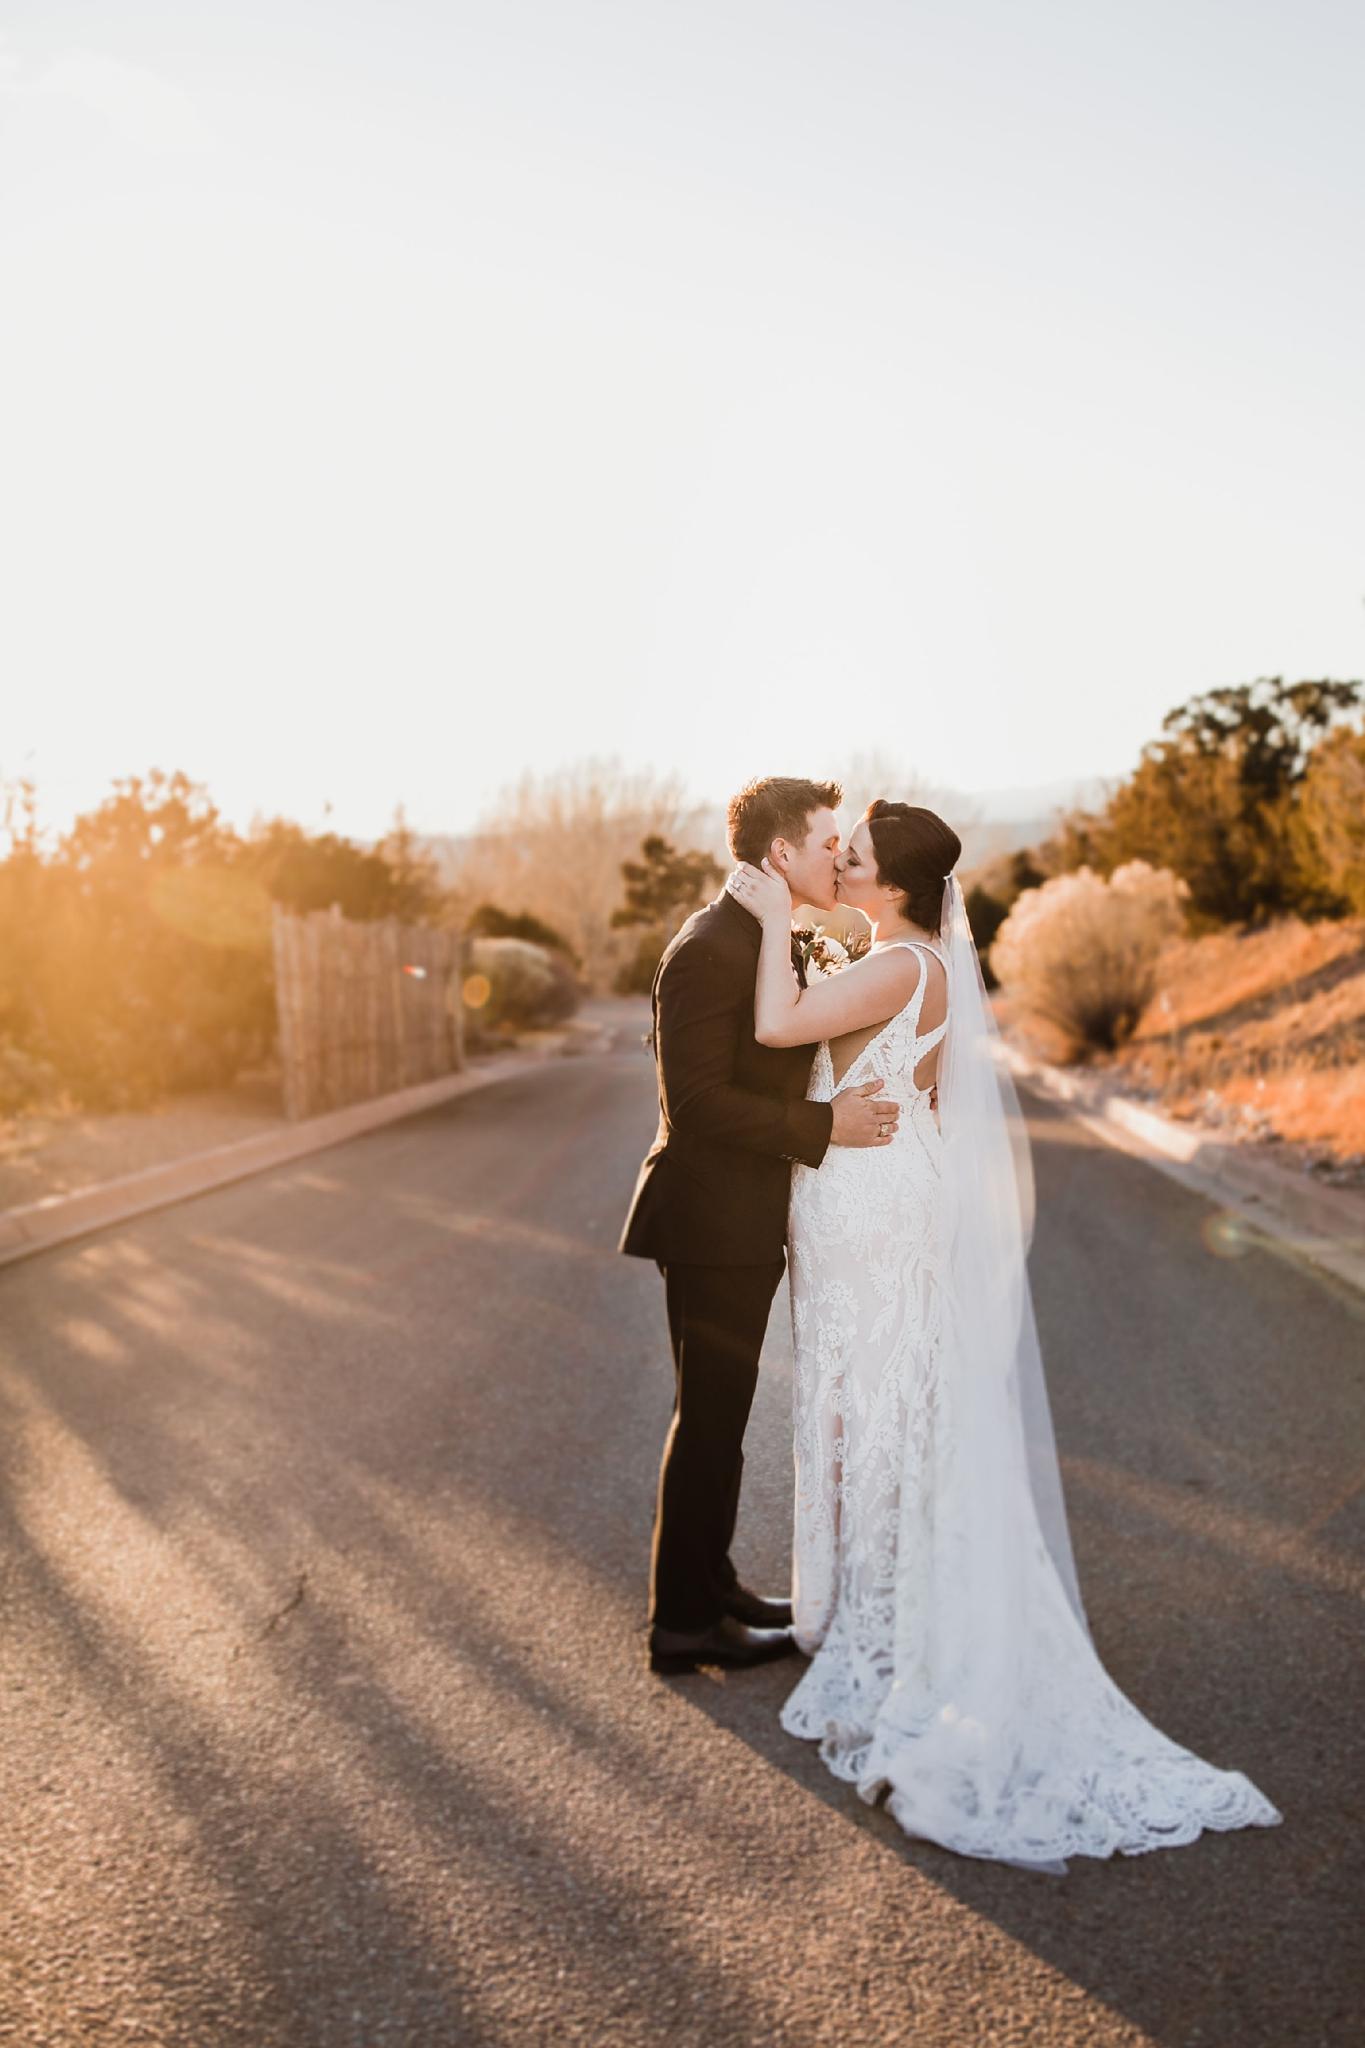 Alicia+lucia+photography+-+albuquerque+wedding+photographer+-+santa+fe+wedding+photography+-+new+mexico+wedding+photographer+-+new+mexico+wedding+-+santa+fe+wedding+-+four+seasons+wedding+-+winter+wedding_0085.jpg